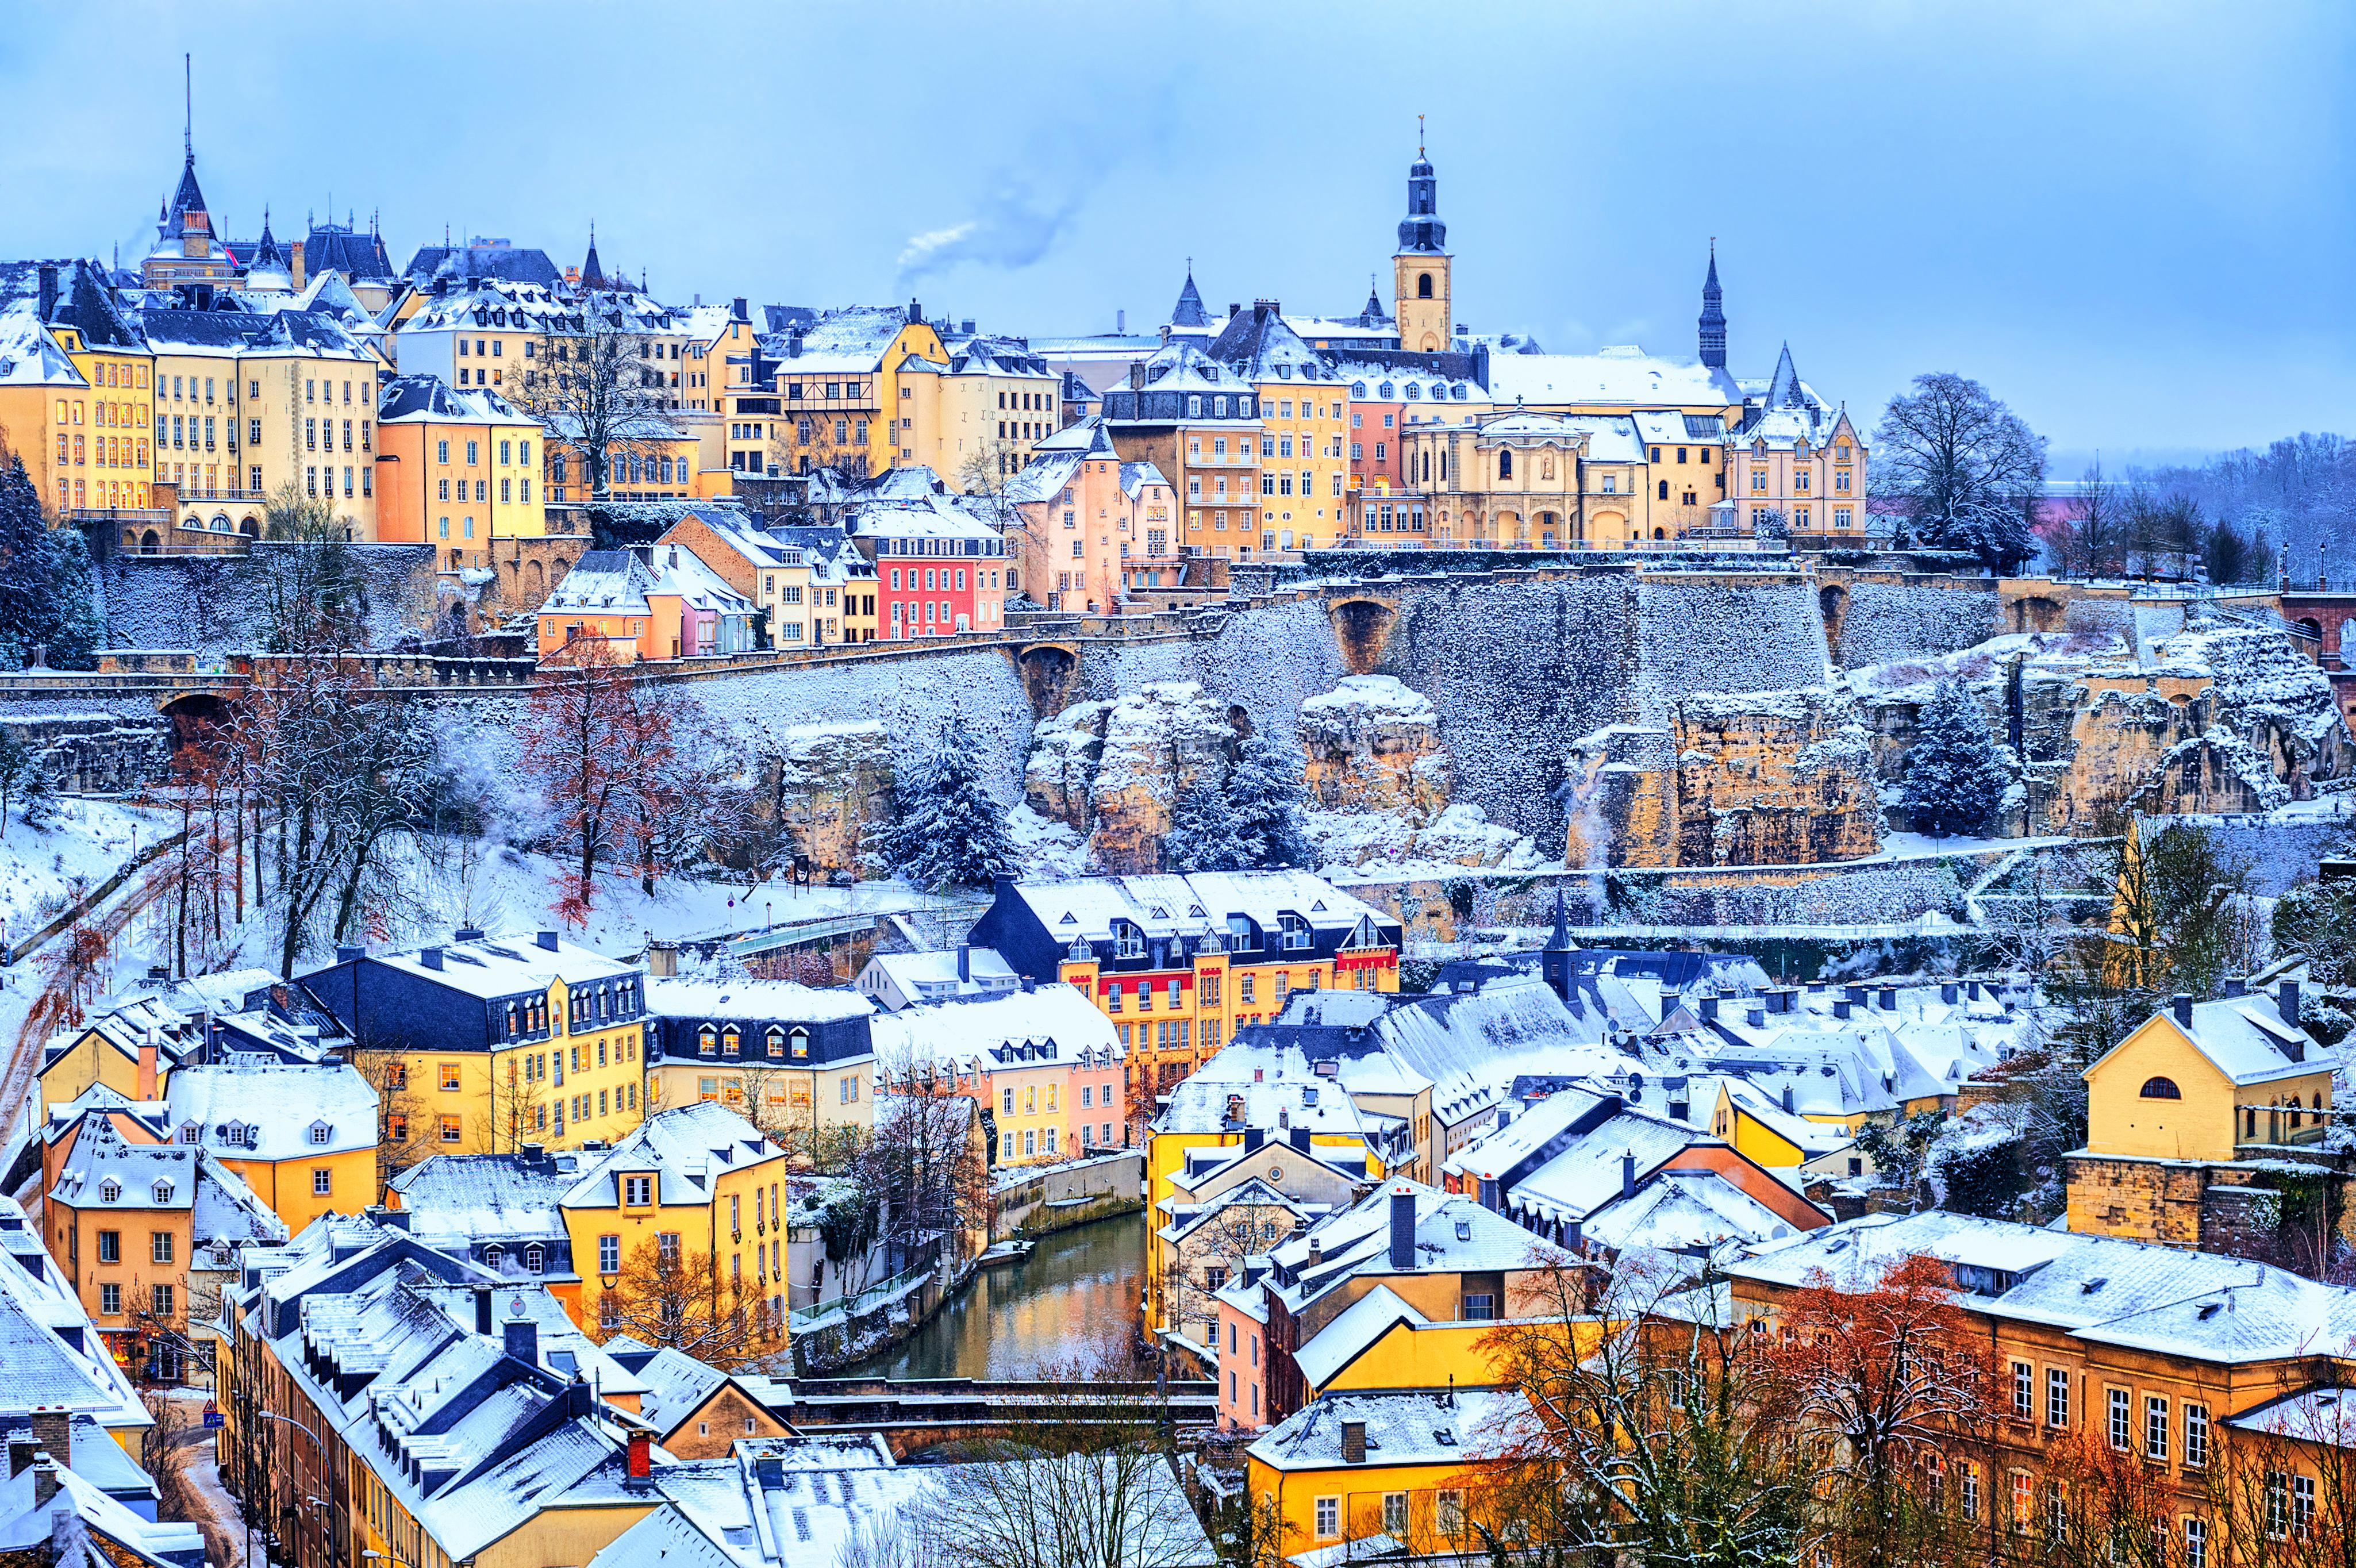 Вид на Люксембург, ПМЖ которого могут получить россияне, украинцы и белорусы